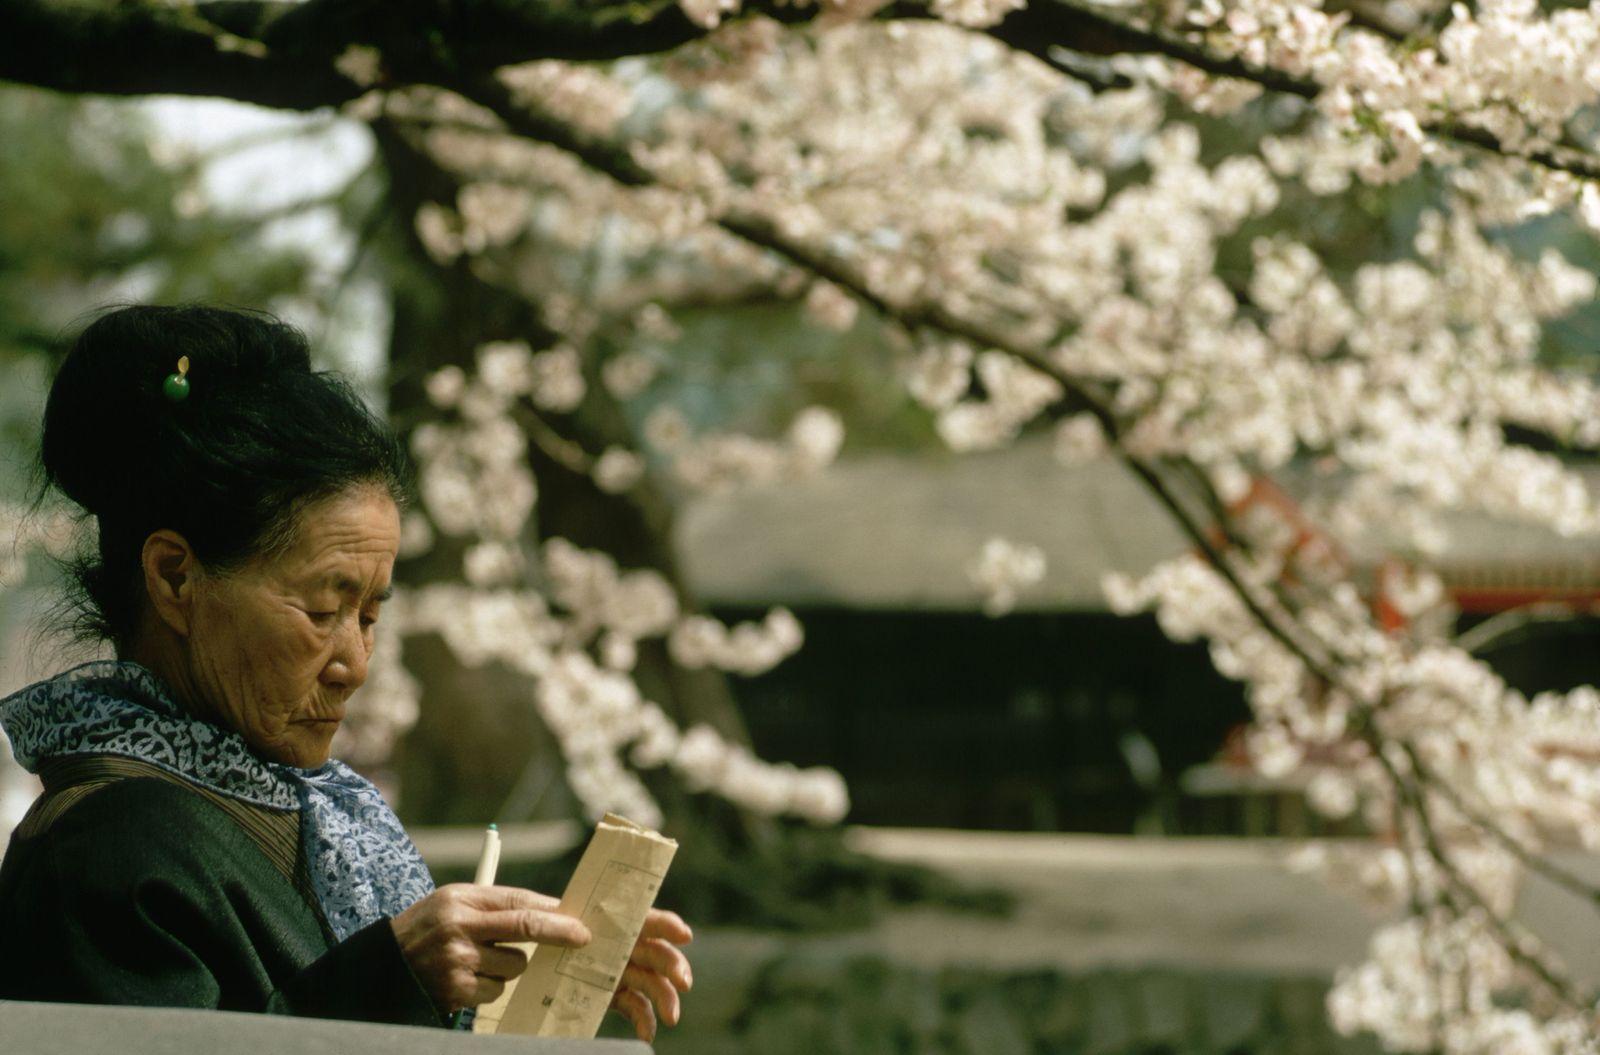 NICHT MEHR VERWENDEN! - SYMBOLBILD Lebenserwartung/ Japanische Frau